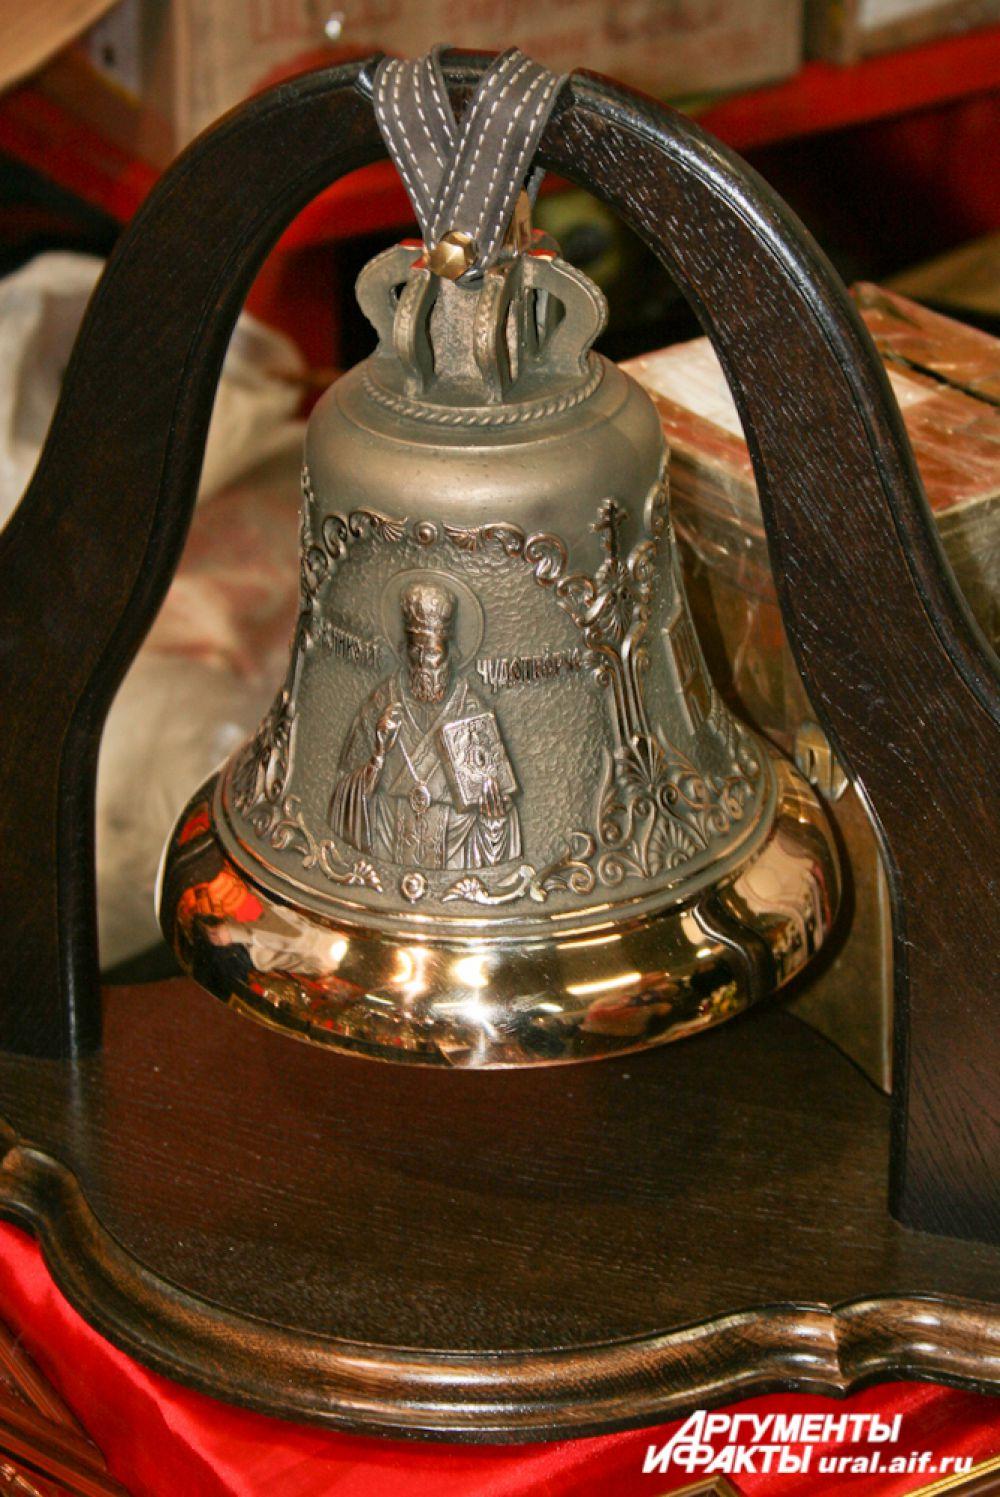 Колокола прибыли на уральскую землю из Киева.